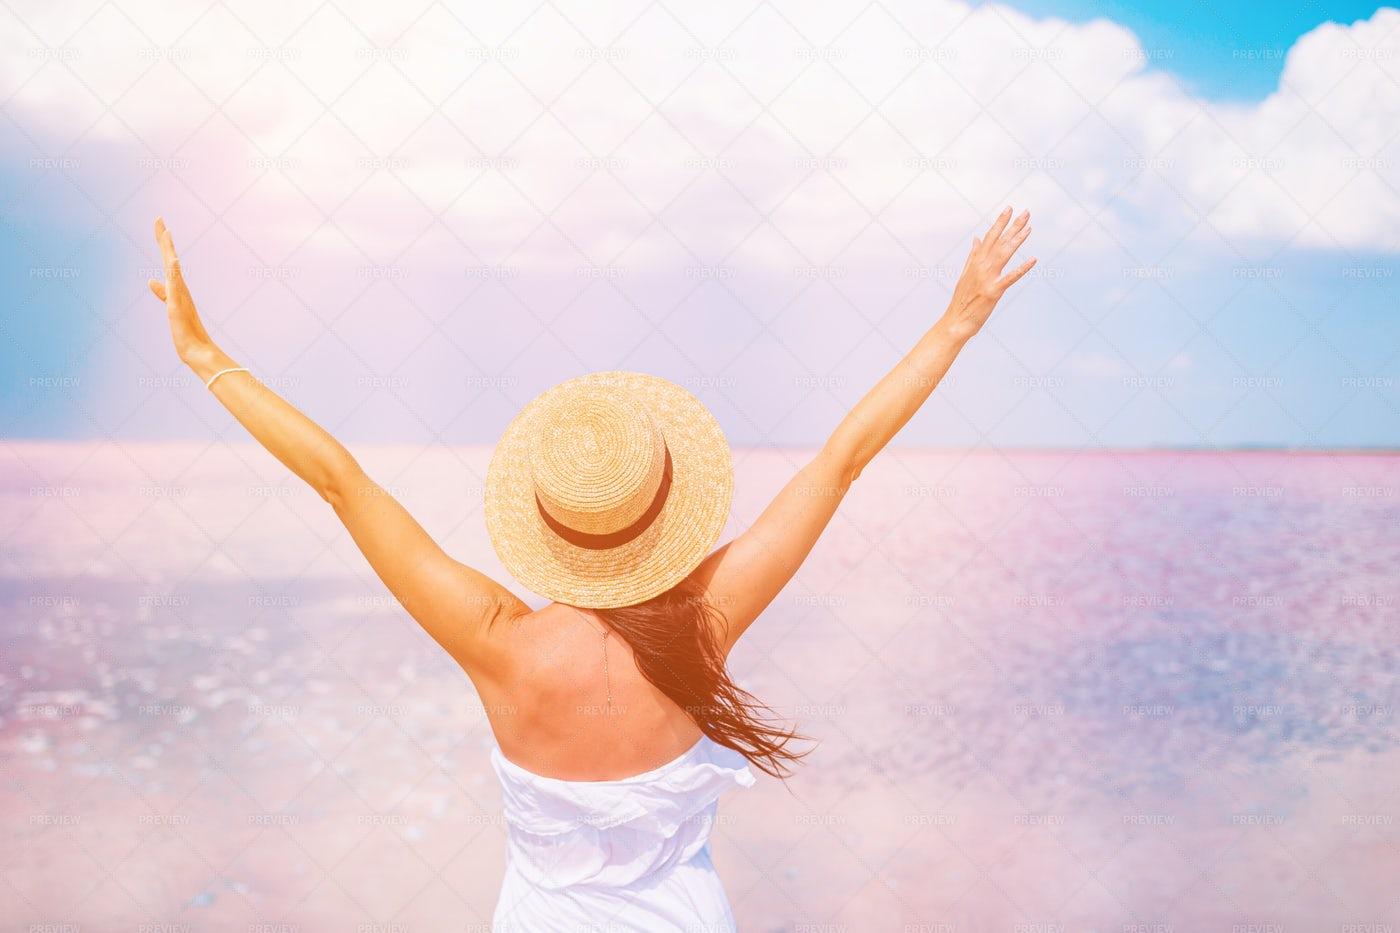 Woman Enjoying Breeze At Lake: Stock Photos